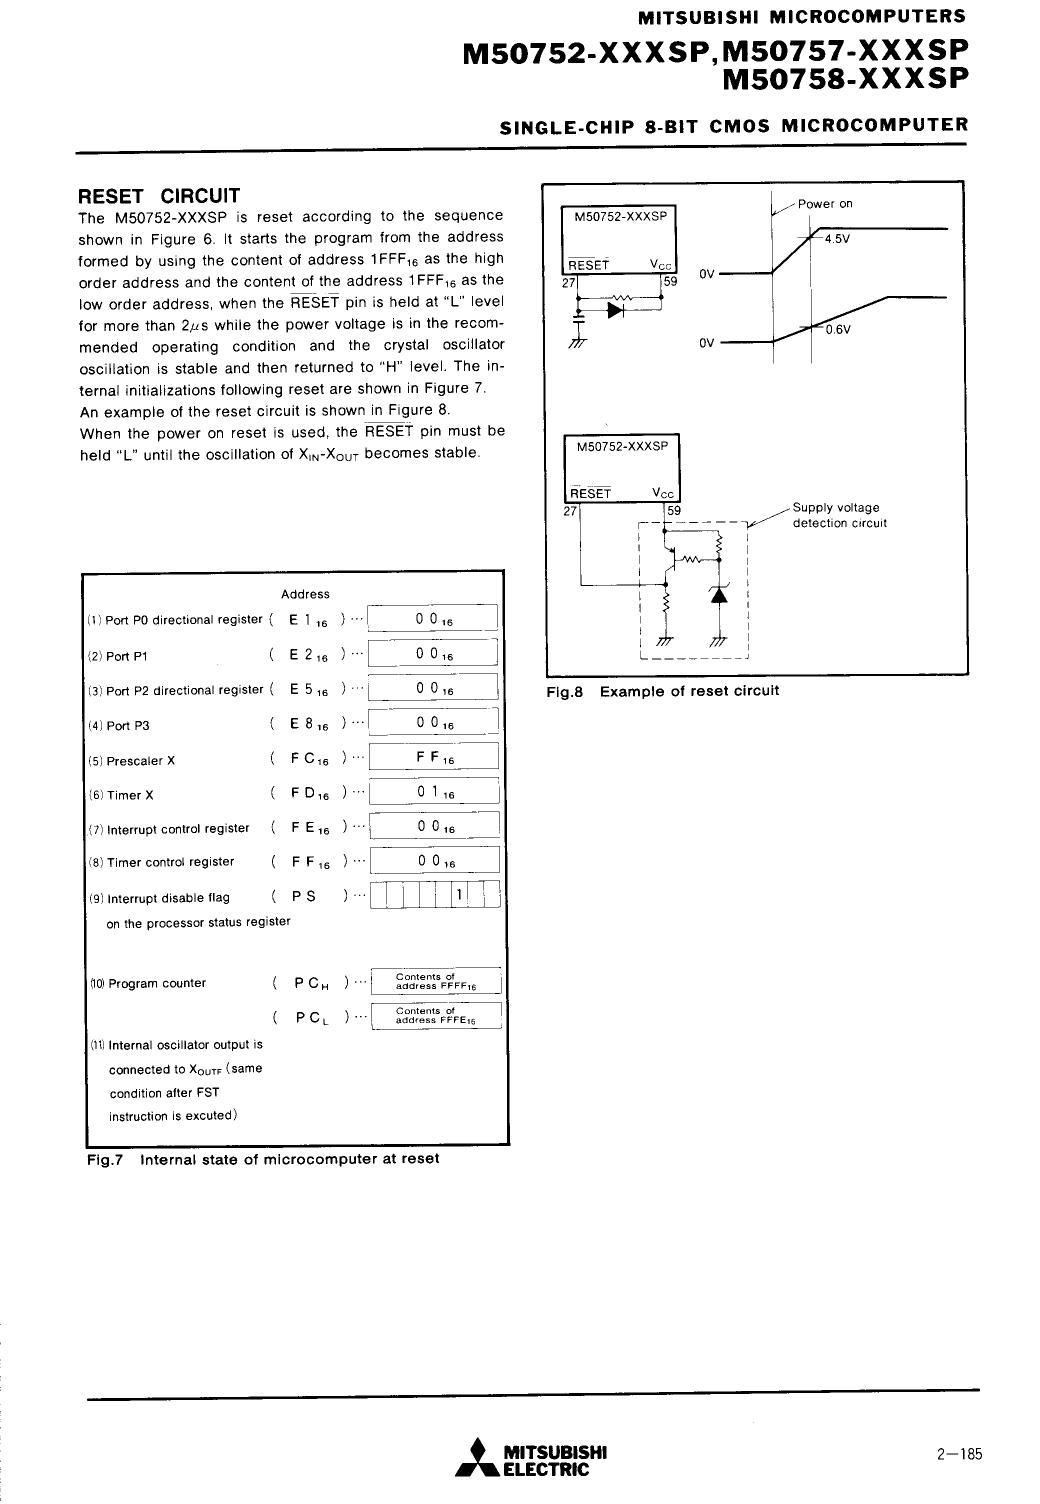 M50752-XXXSP arduino